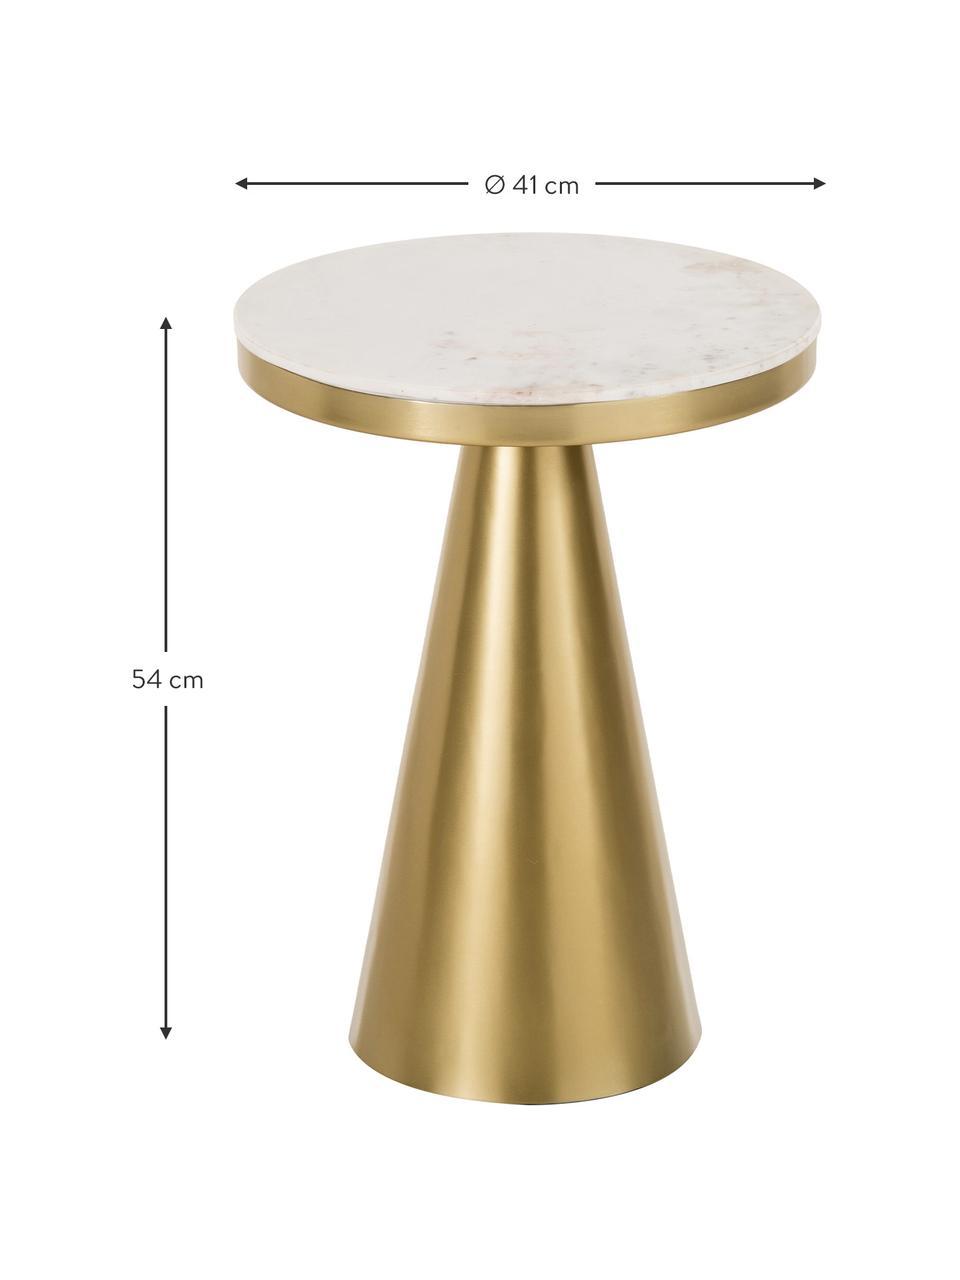 Tavolino da salotto rotondo in marmo Zelda, Piano d'appoggio: marmo, Struttura: metallo rivestito, Bianco-grigiastro marmo, dorato, Ø 41 x Alt. 54 cm